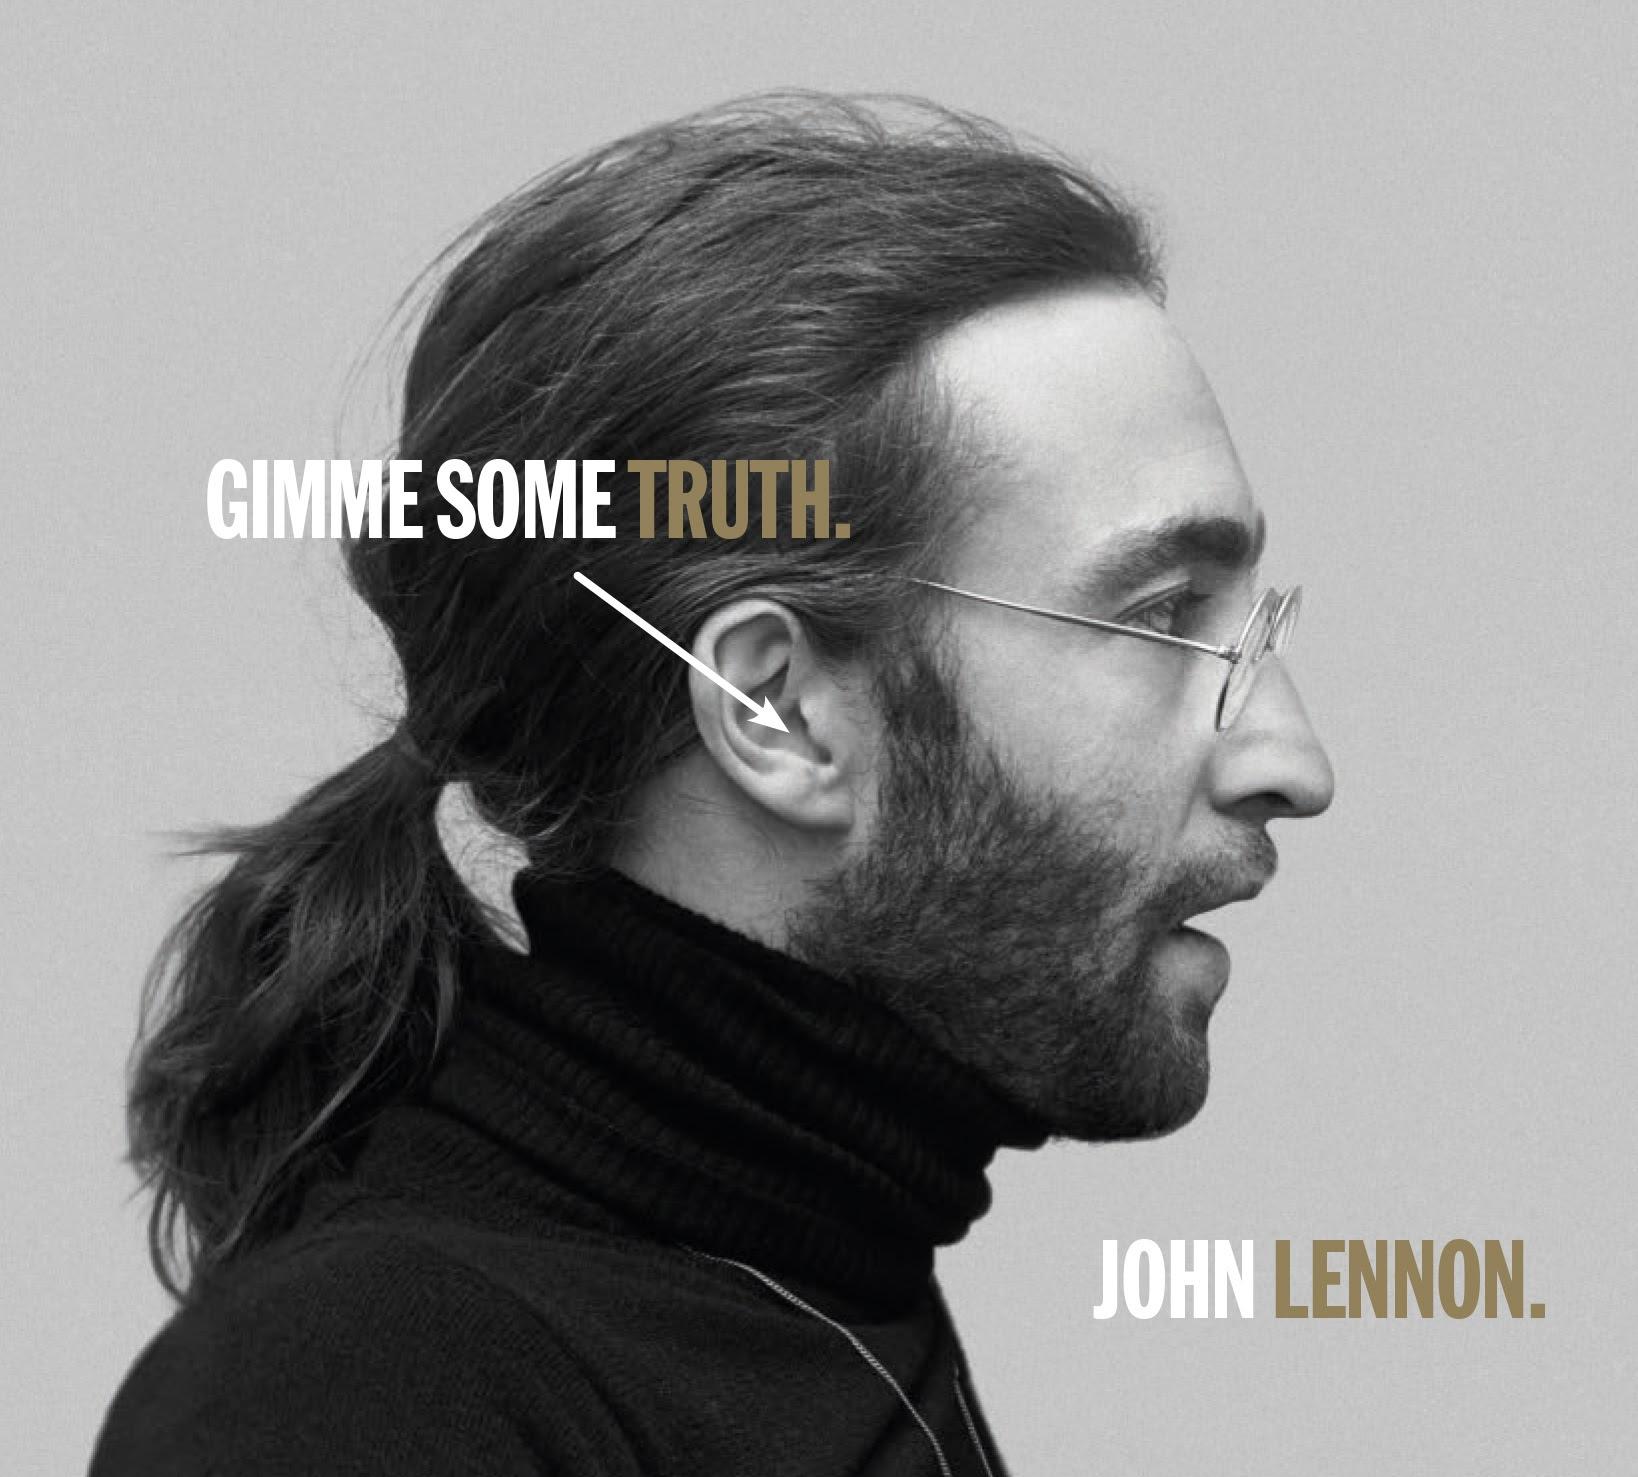 Lennon-Gimme Some Truth-Cover Art-Final.jpg